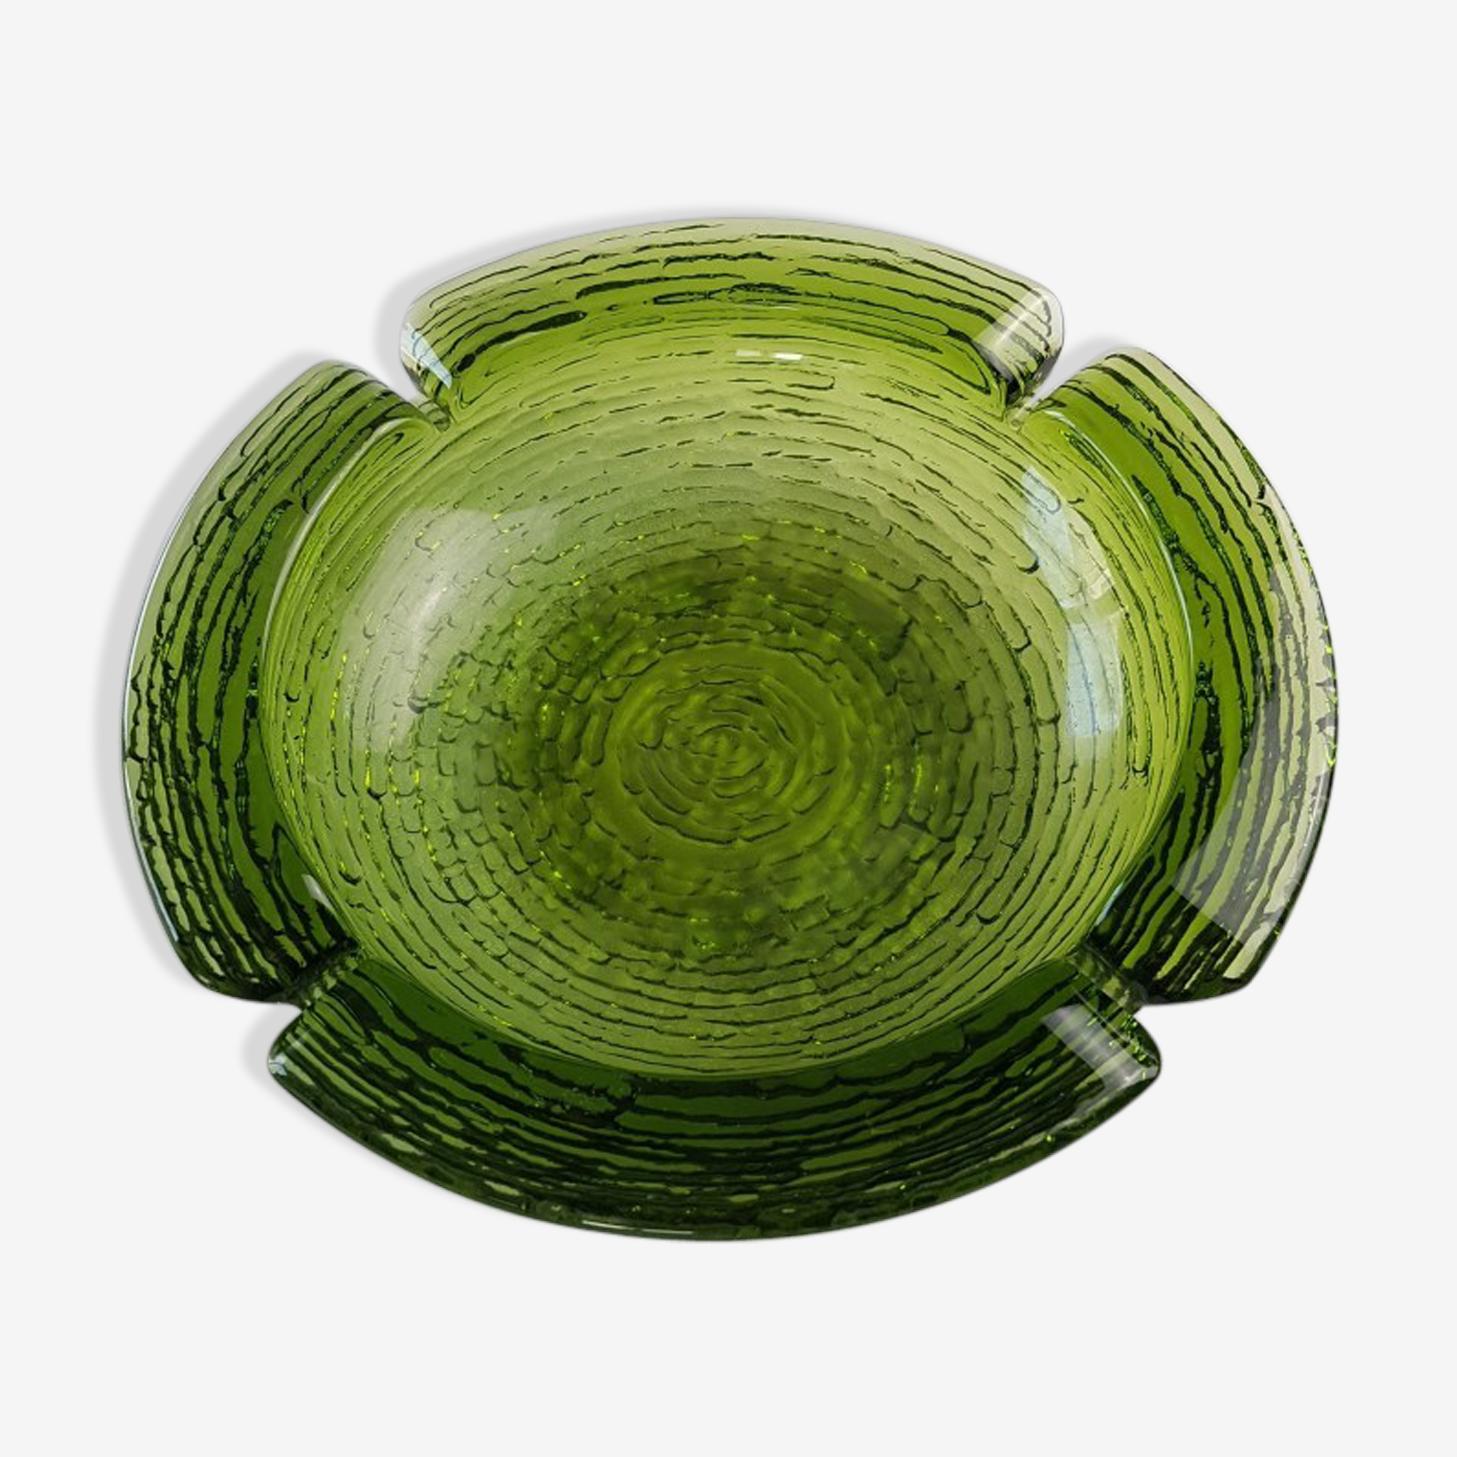 Green molded glass ashtray